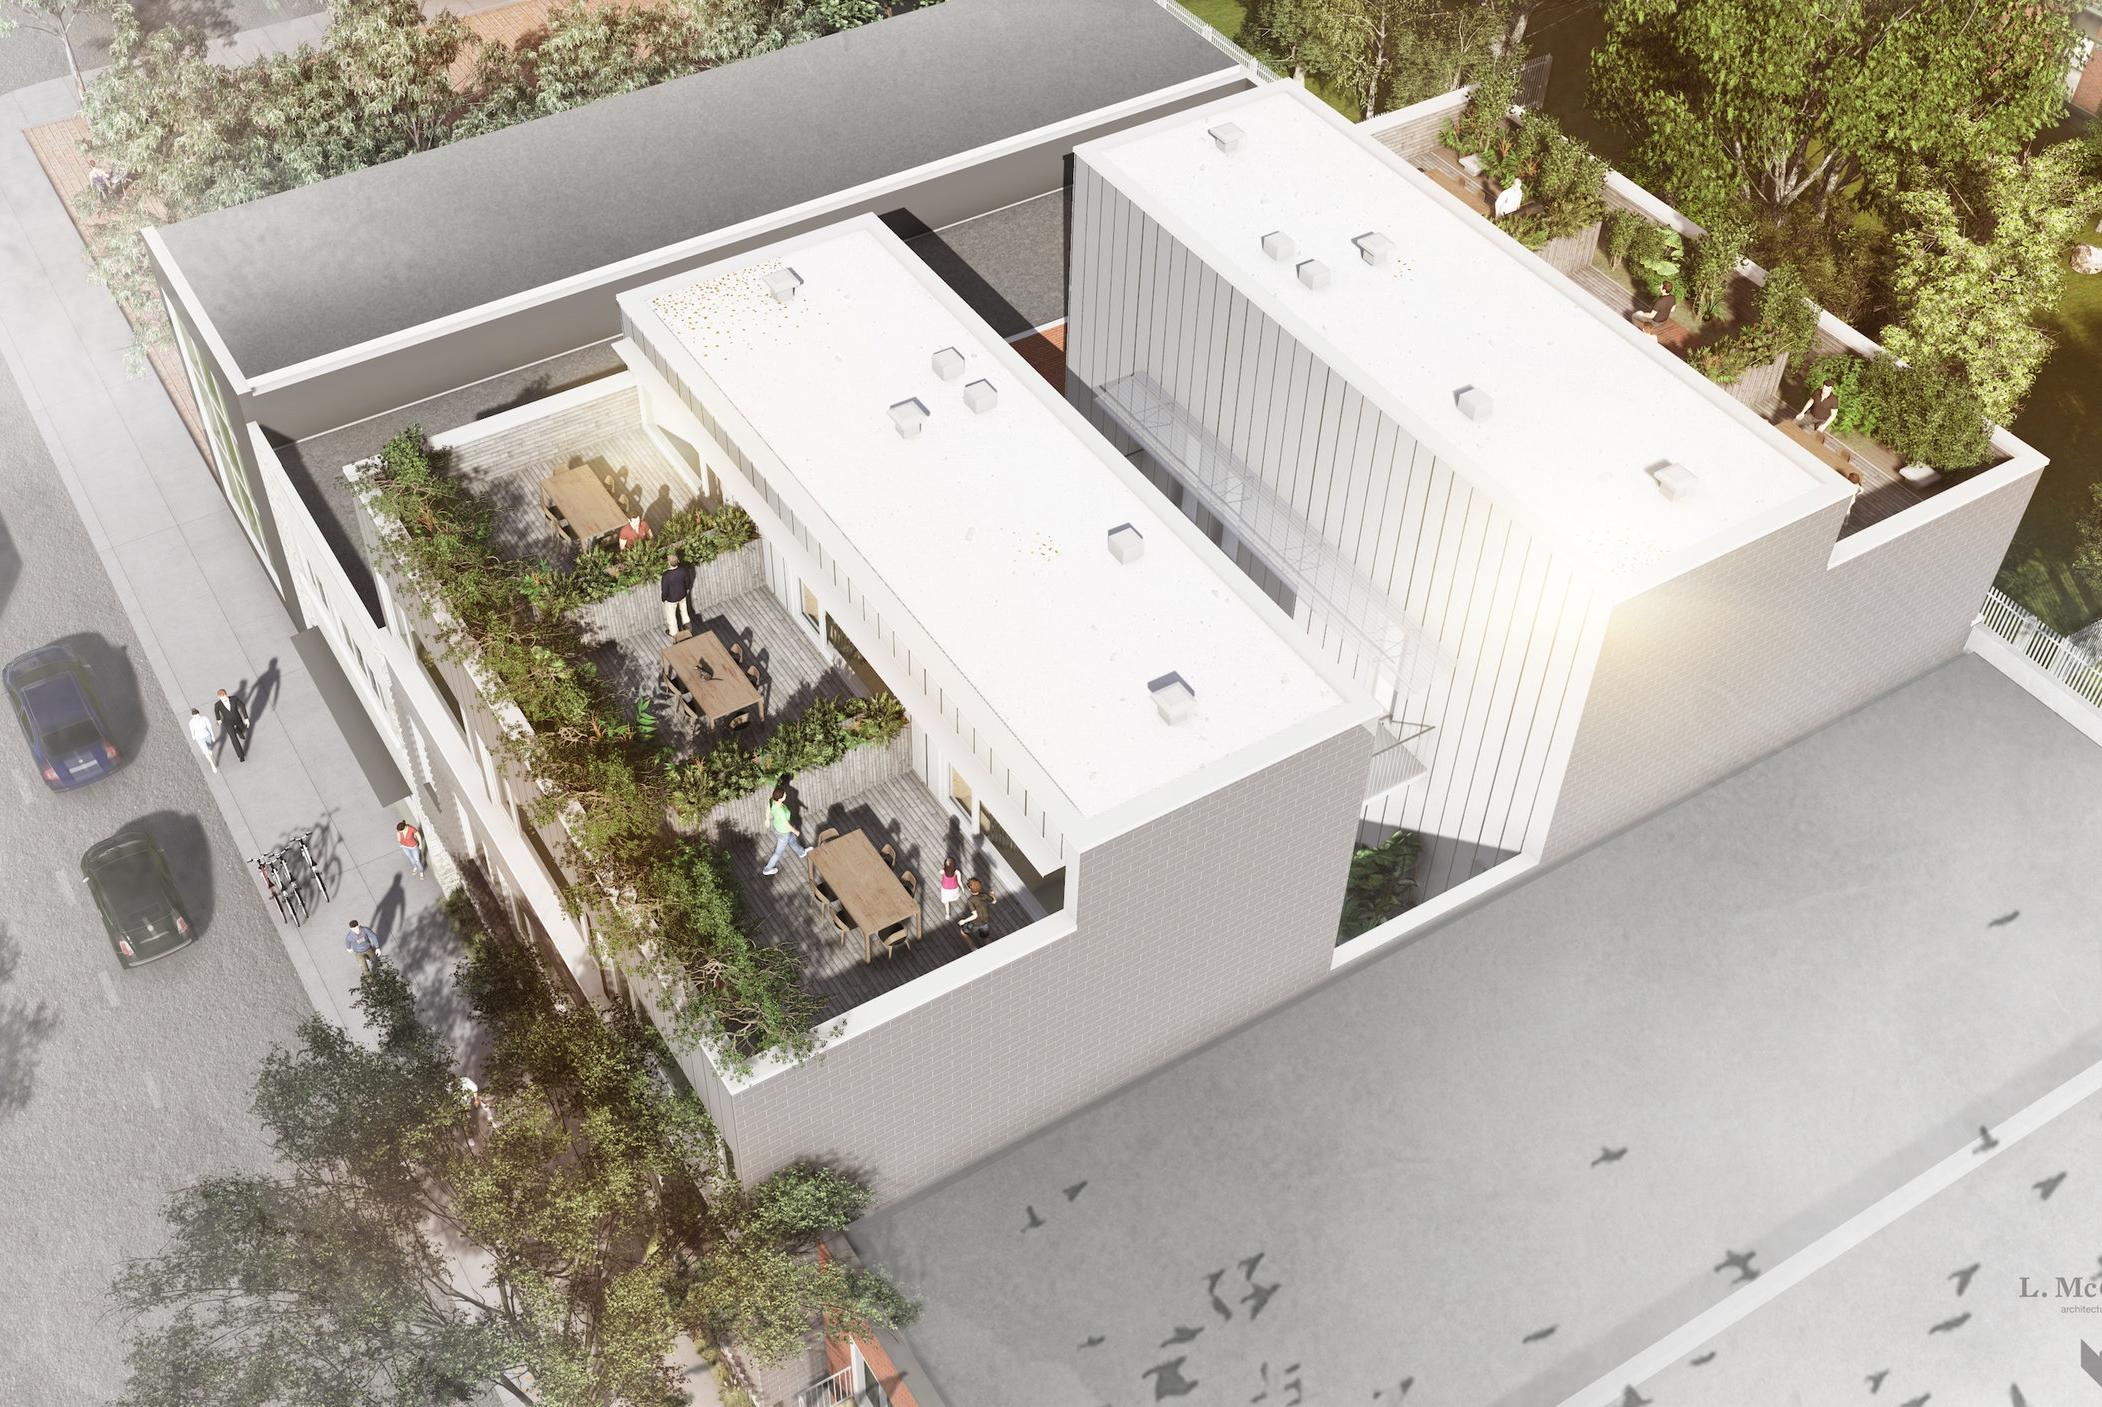 À VOL D'OISEAU - L. Mc Comber  - Architecture vivante